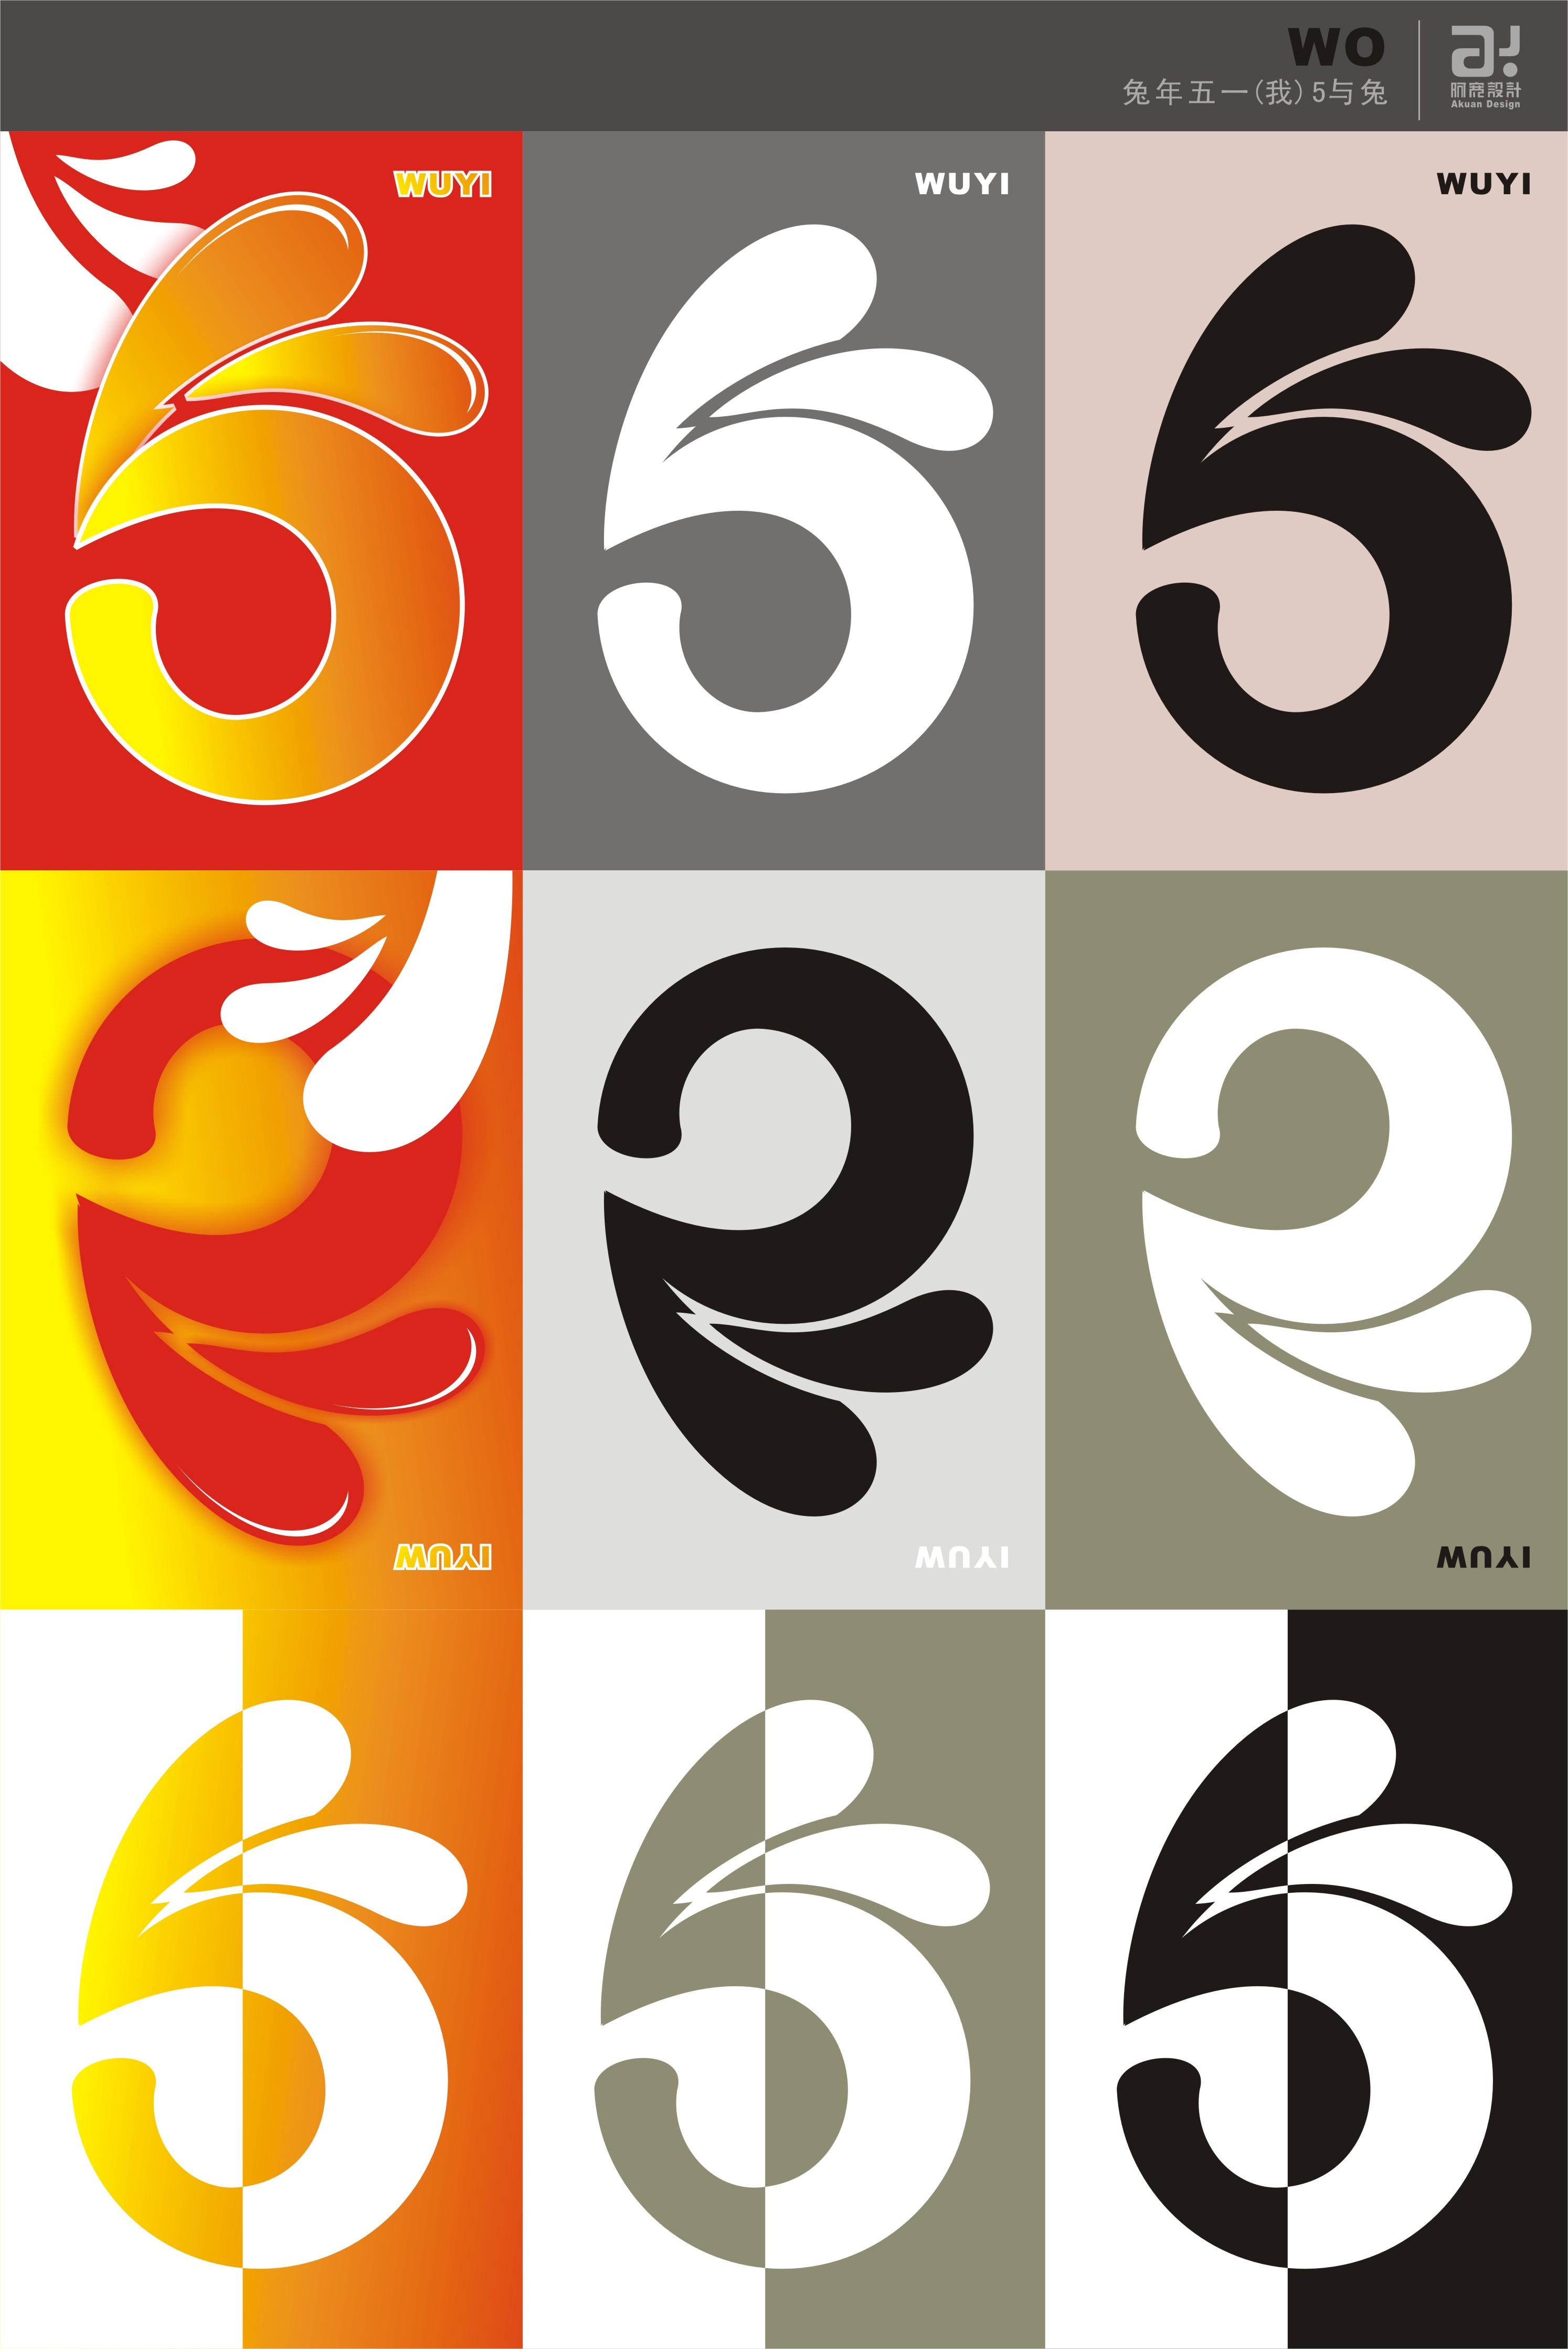 五一艺术字体矢量素材